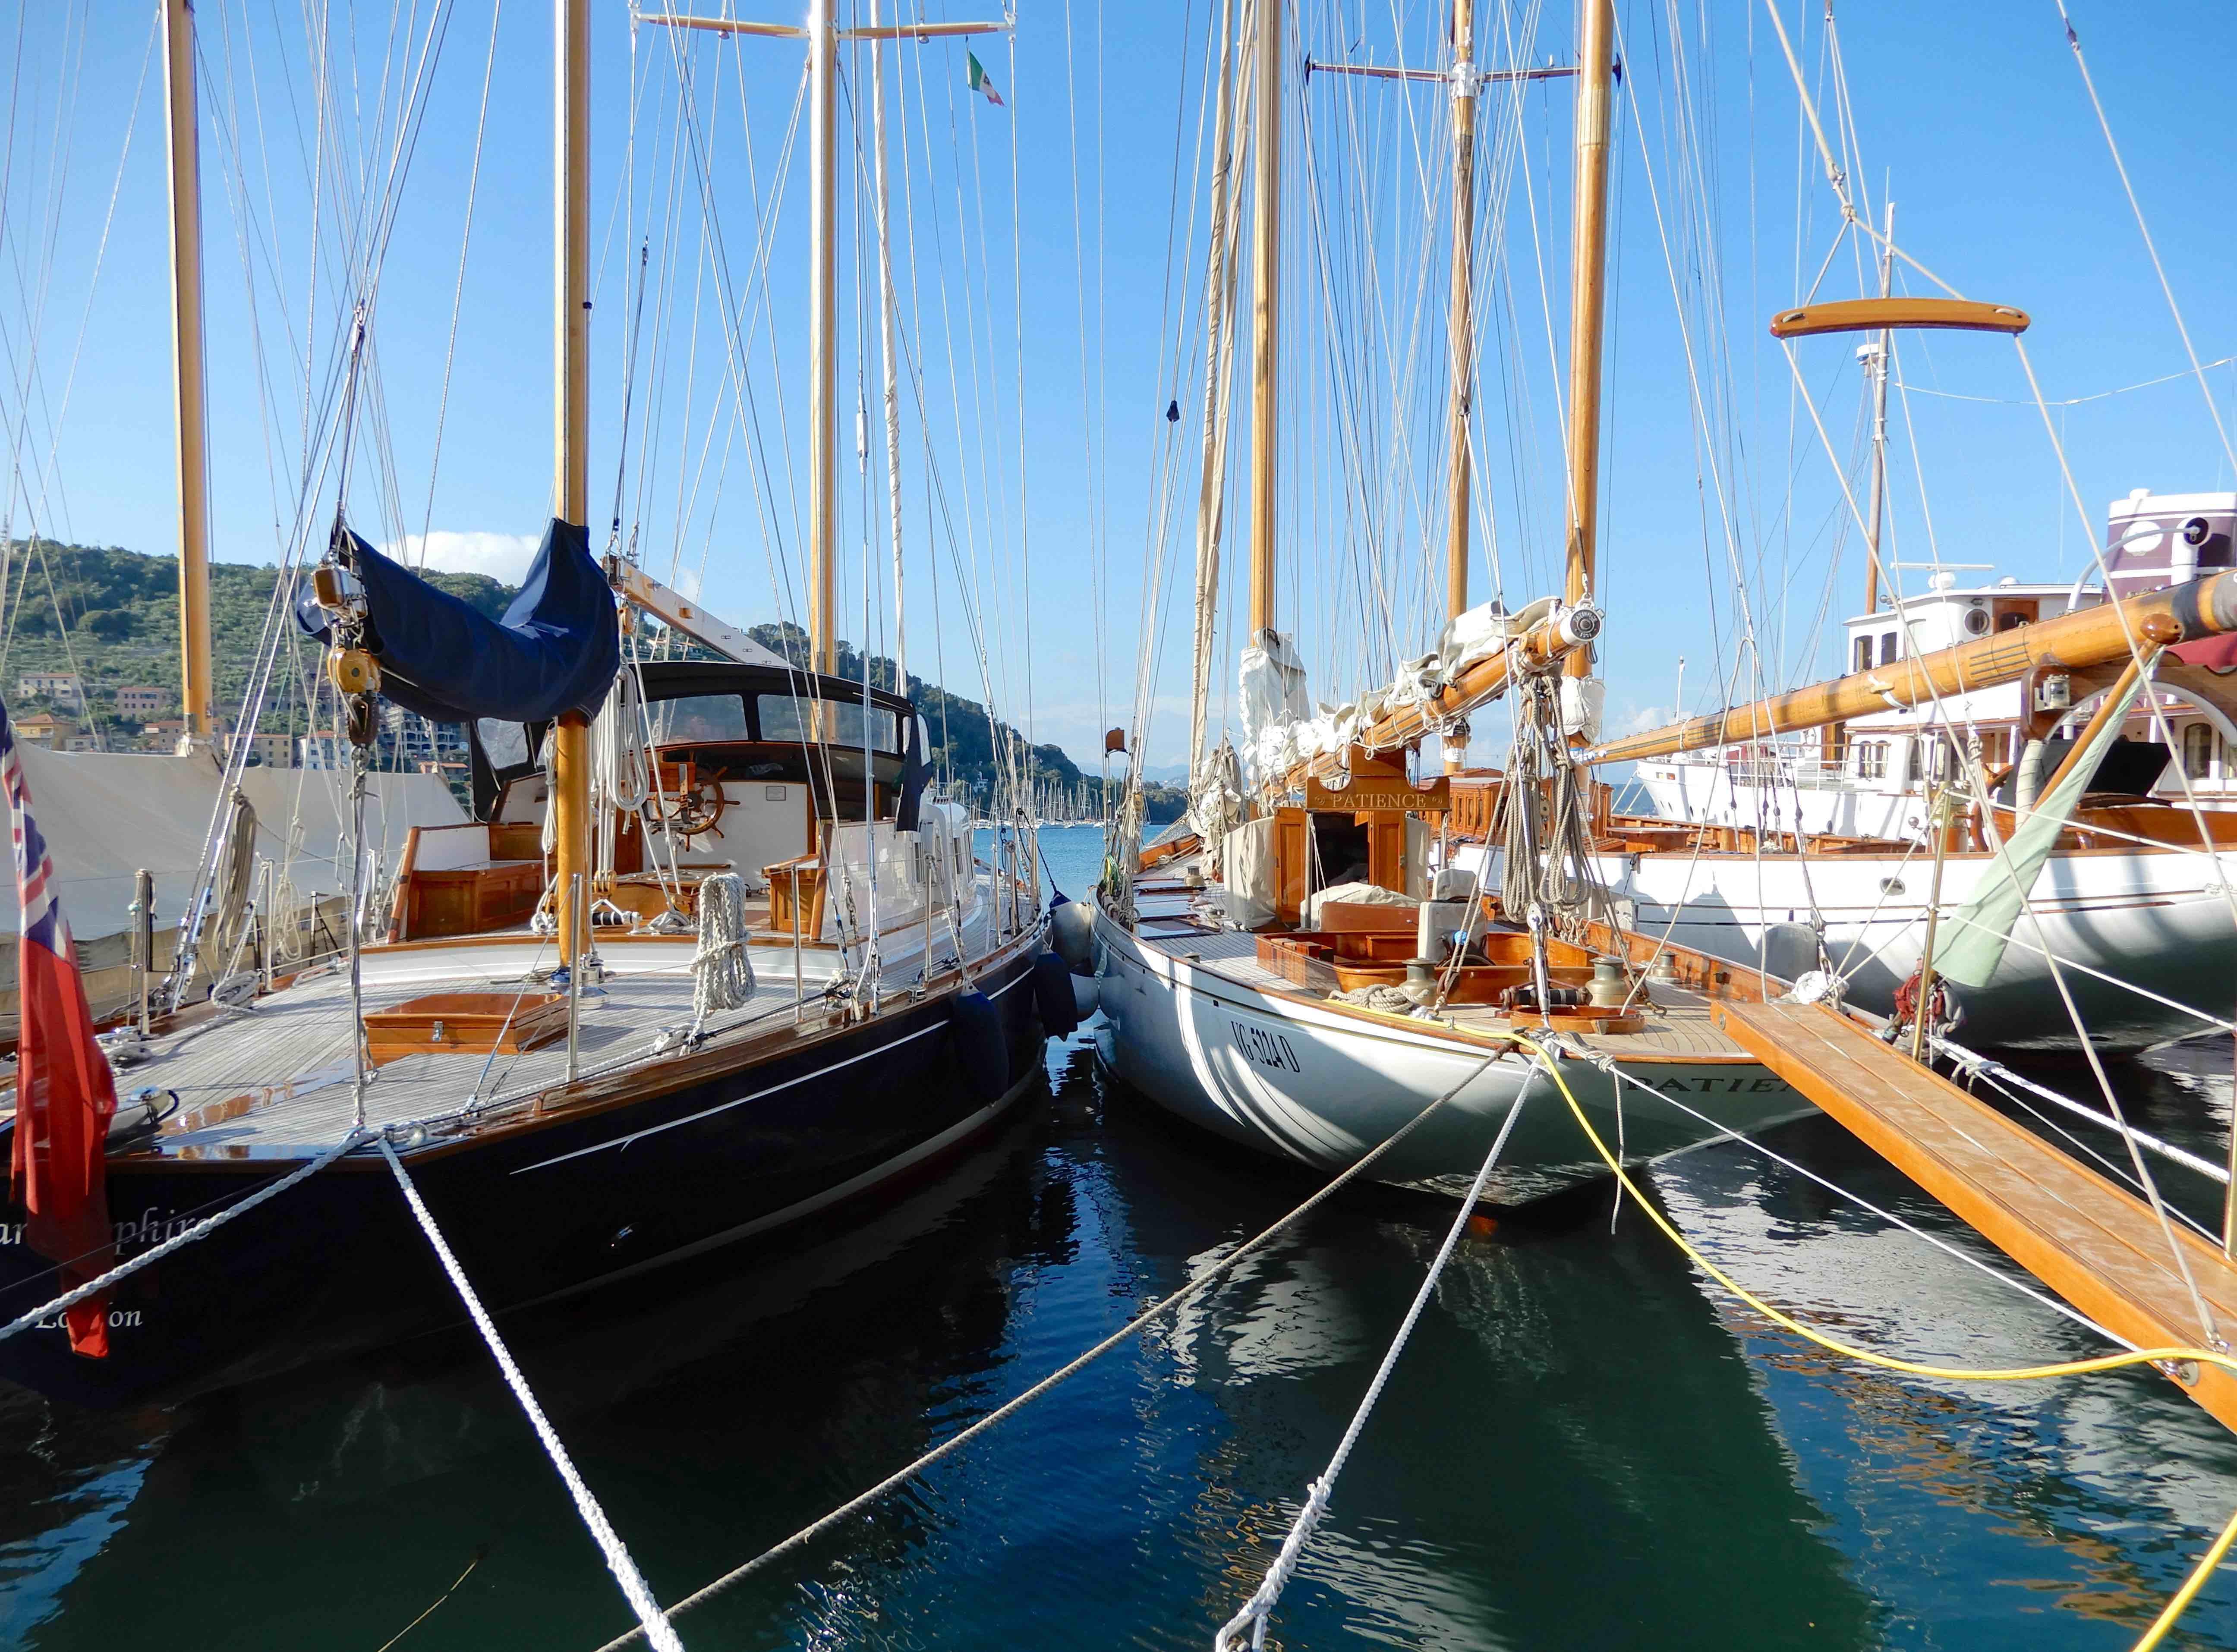 9.yachts, Le Grazie harbour